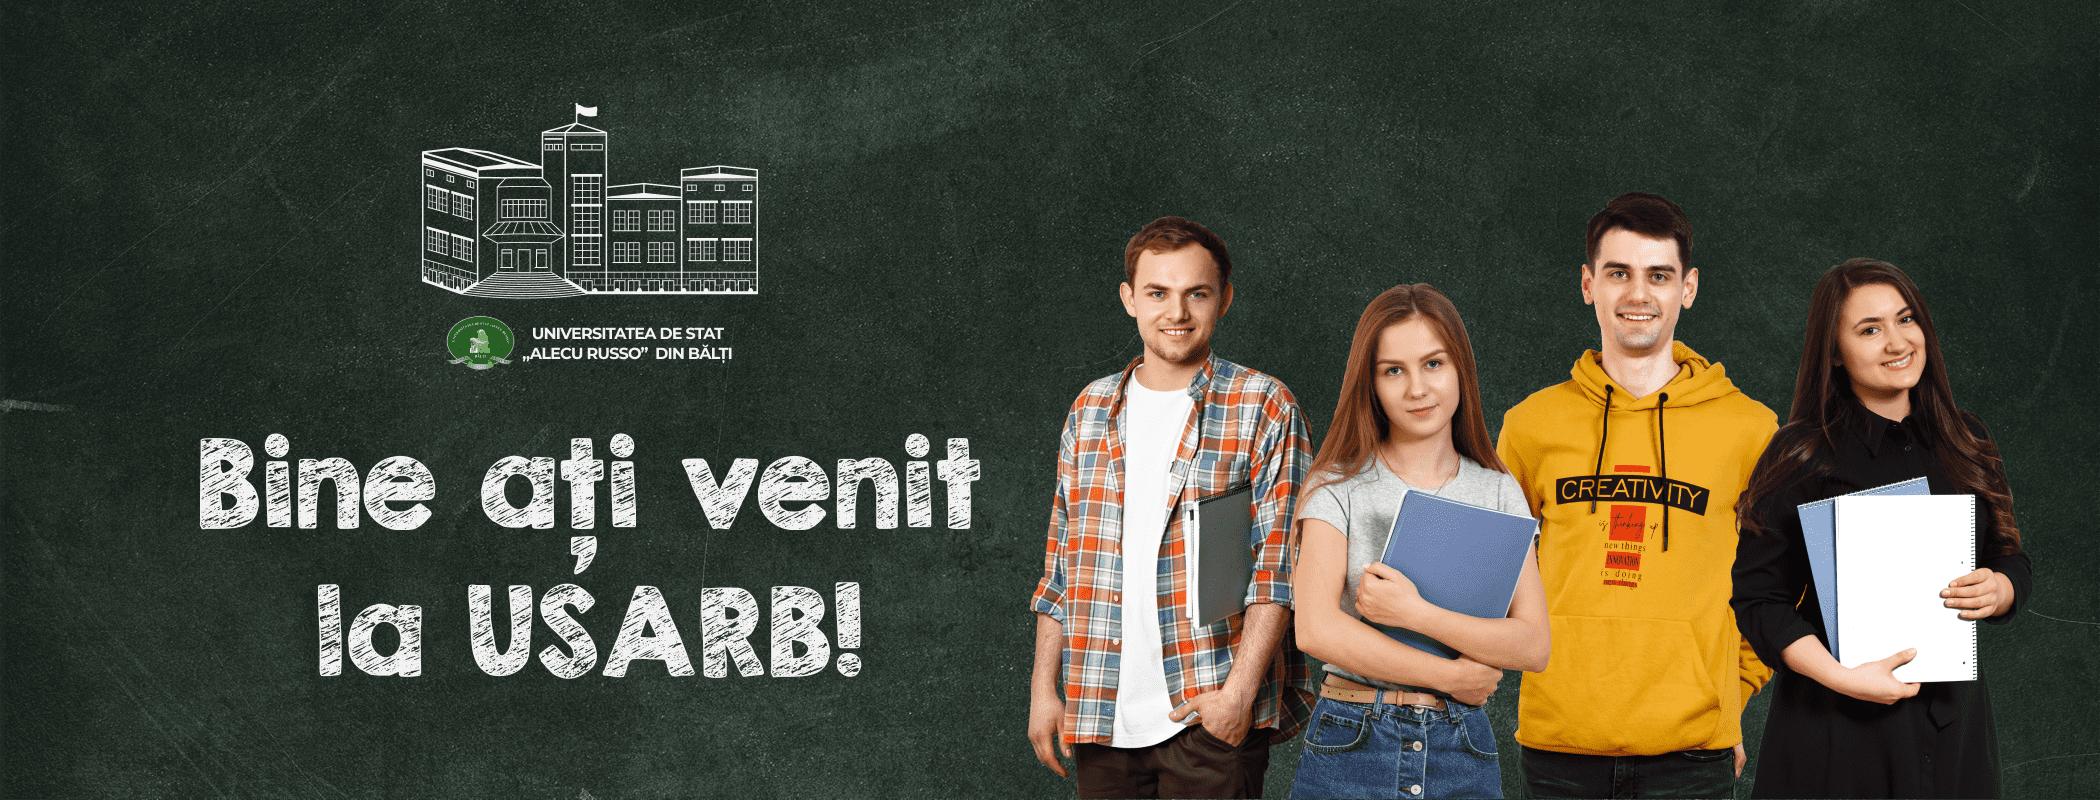 """usarb – Universitatea de Stat """"Alecu Russo"""" din Bălți"""